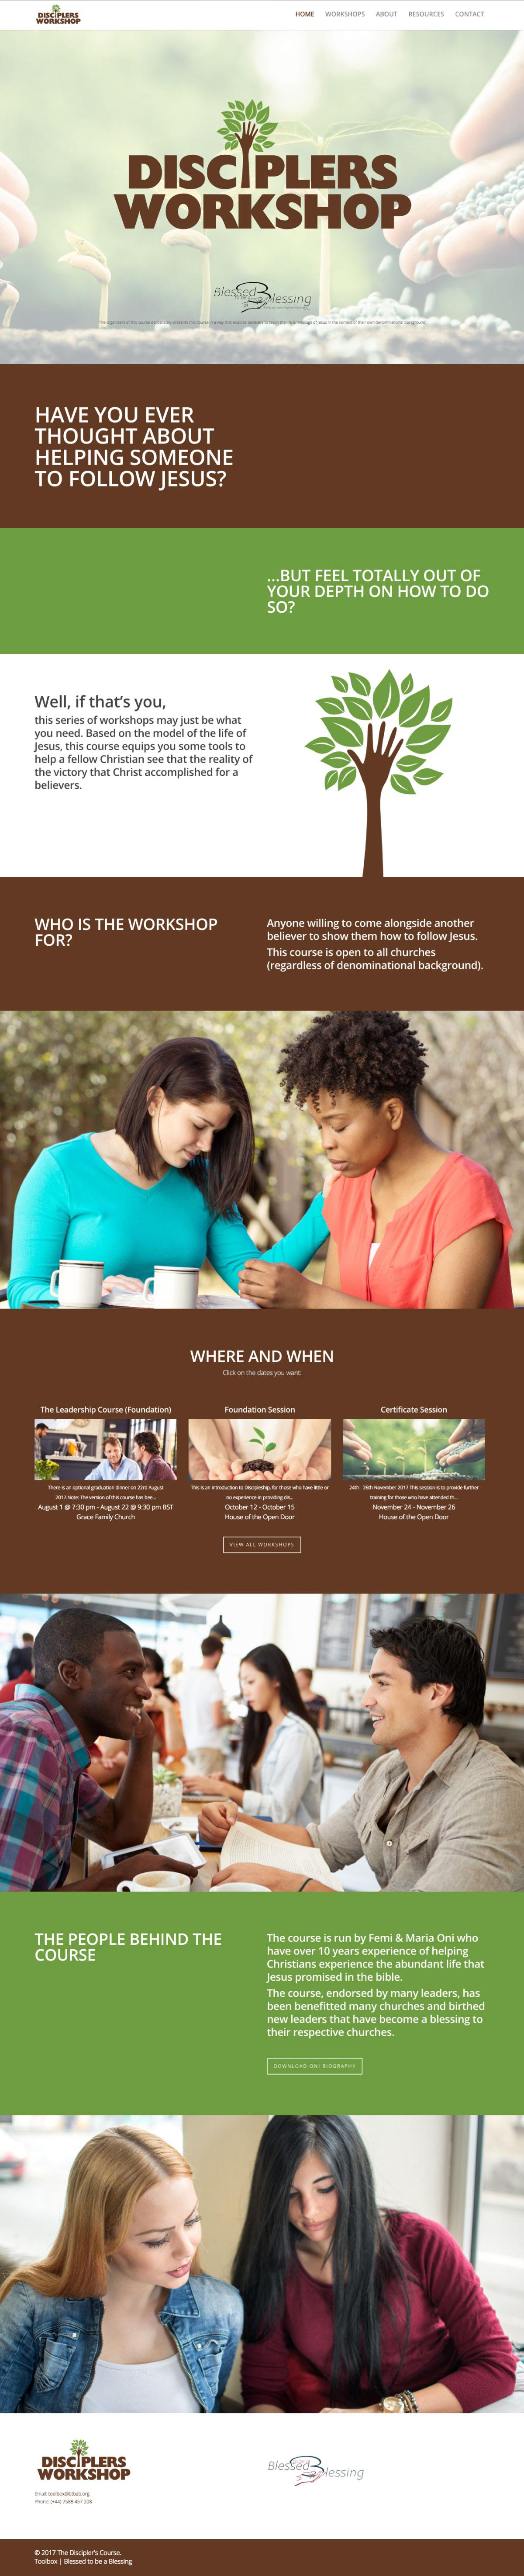 the-disciplers-workshop-design